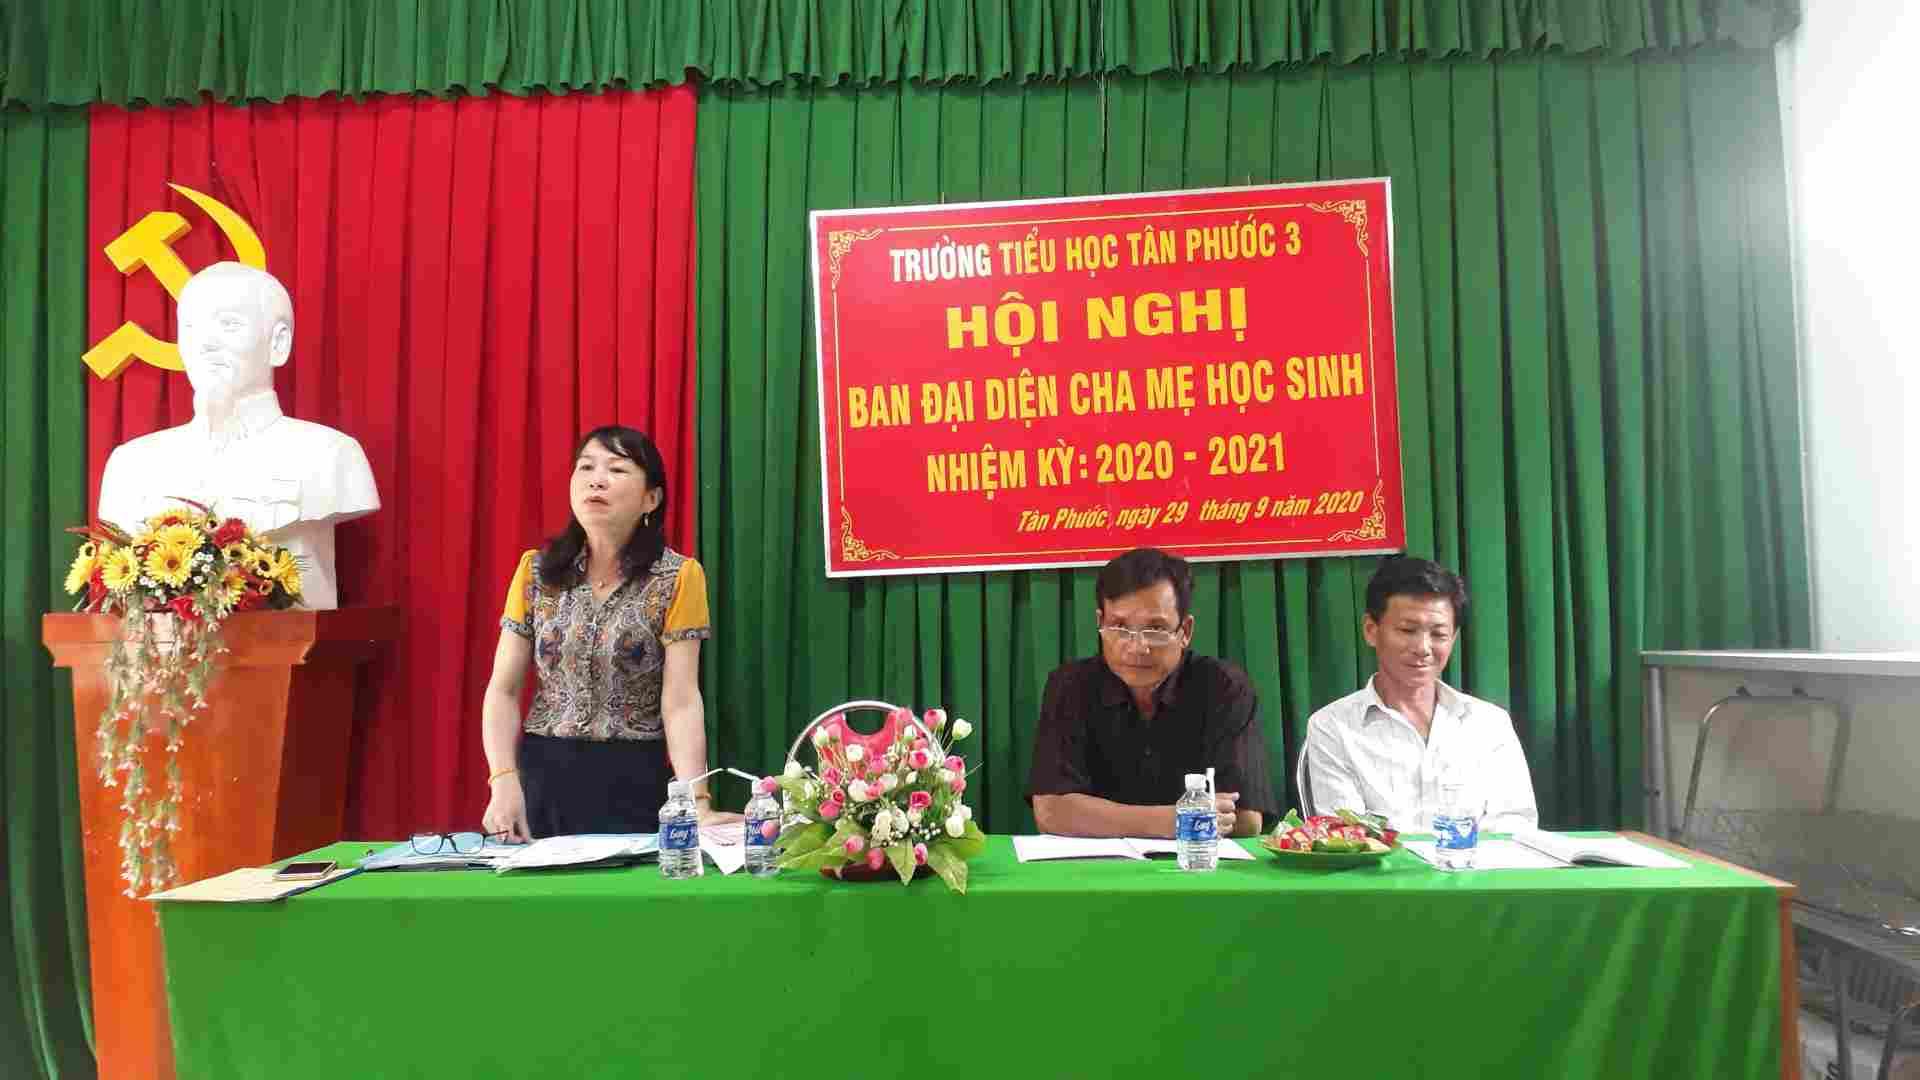 Cô Bùi Thị Thao Hiệu trưởng nhà trường tuyên bố lí do và giới thiệu khách dự